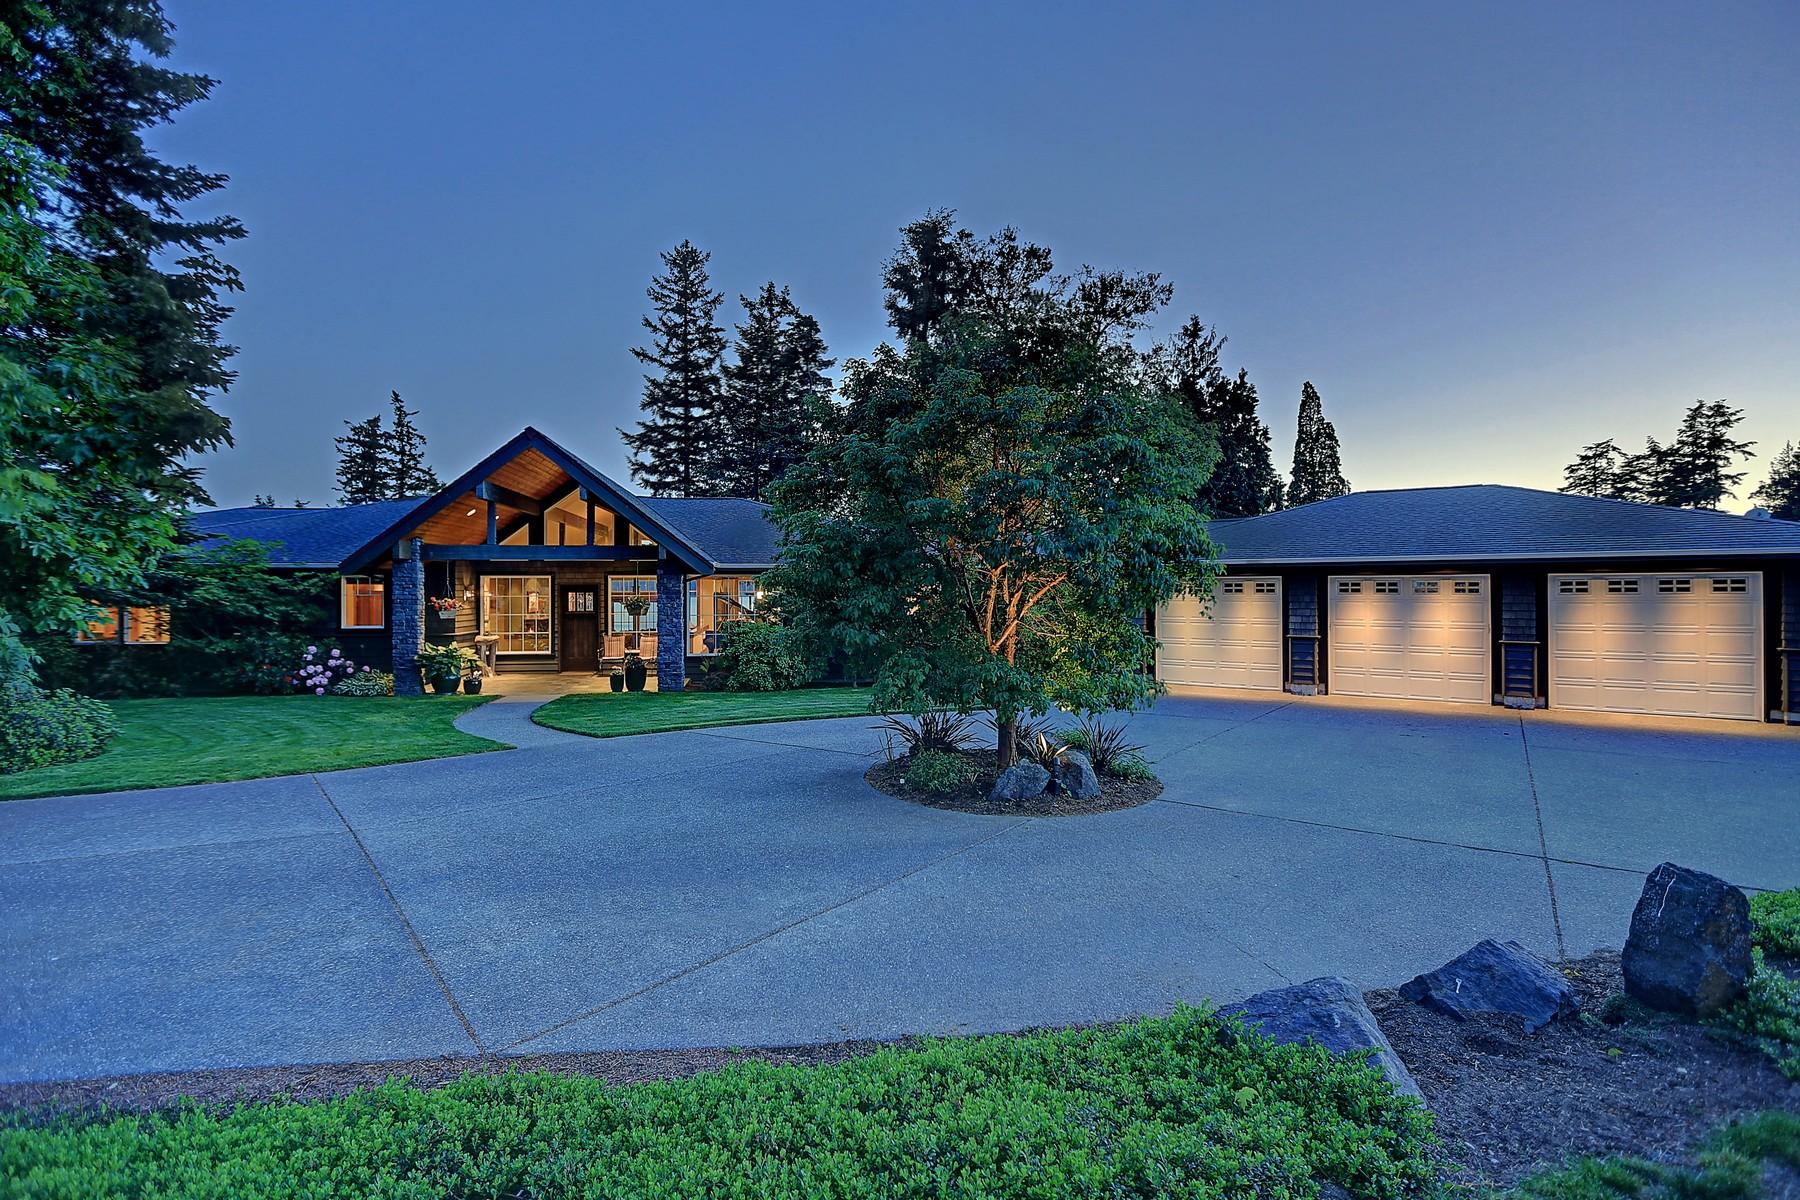 Частный односемейный дом для того Продажа на Camano Craftsman 3424 Rose Lane Camano Island, Вашингтон, 98282 Соединенные Штаты